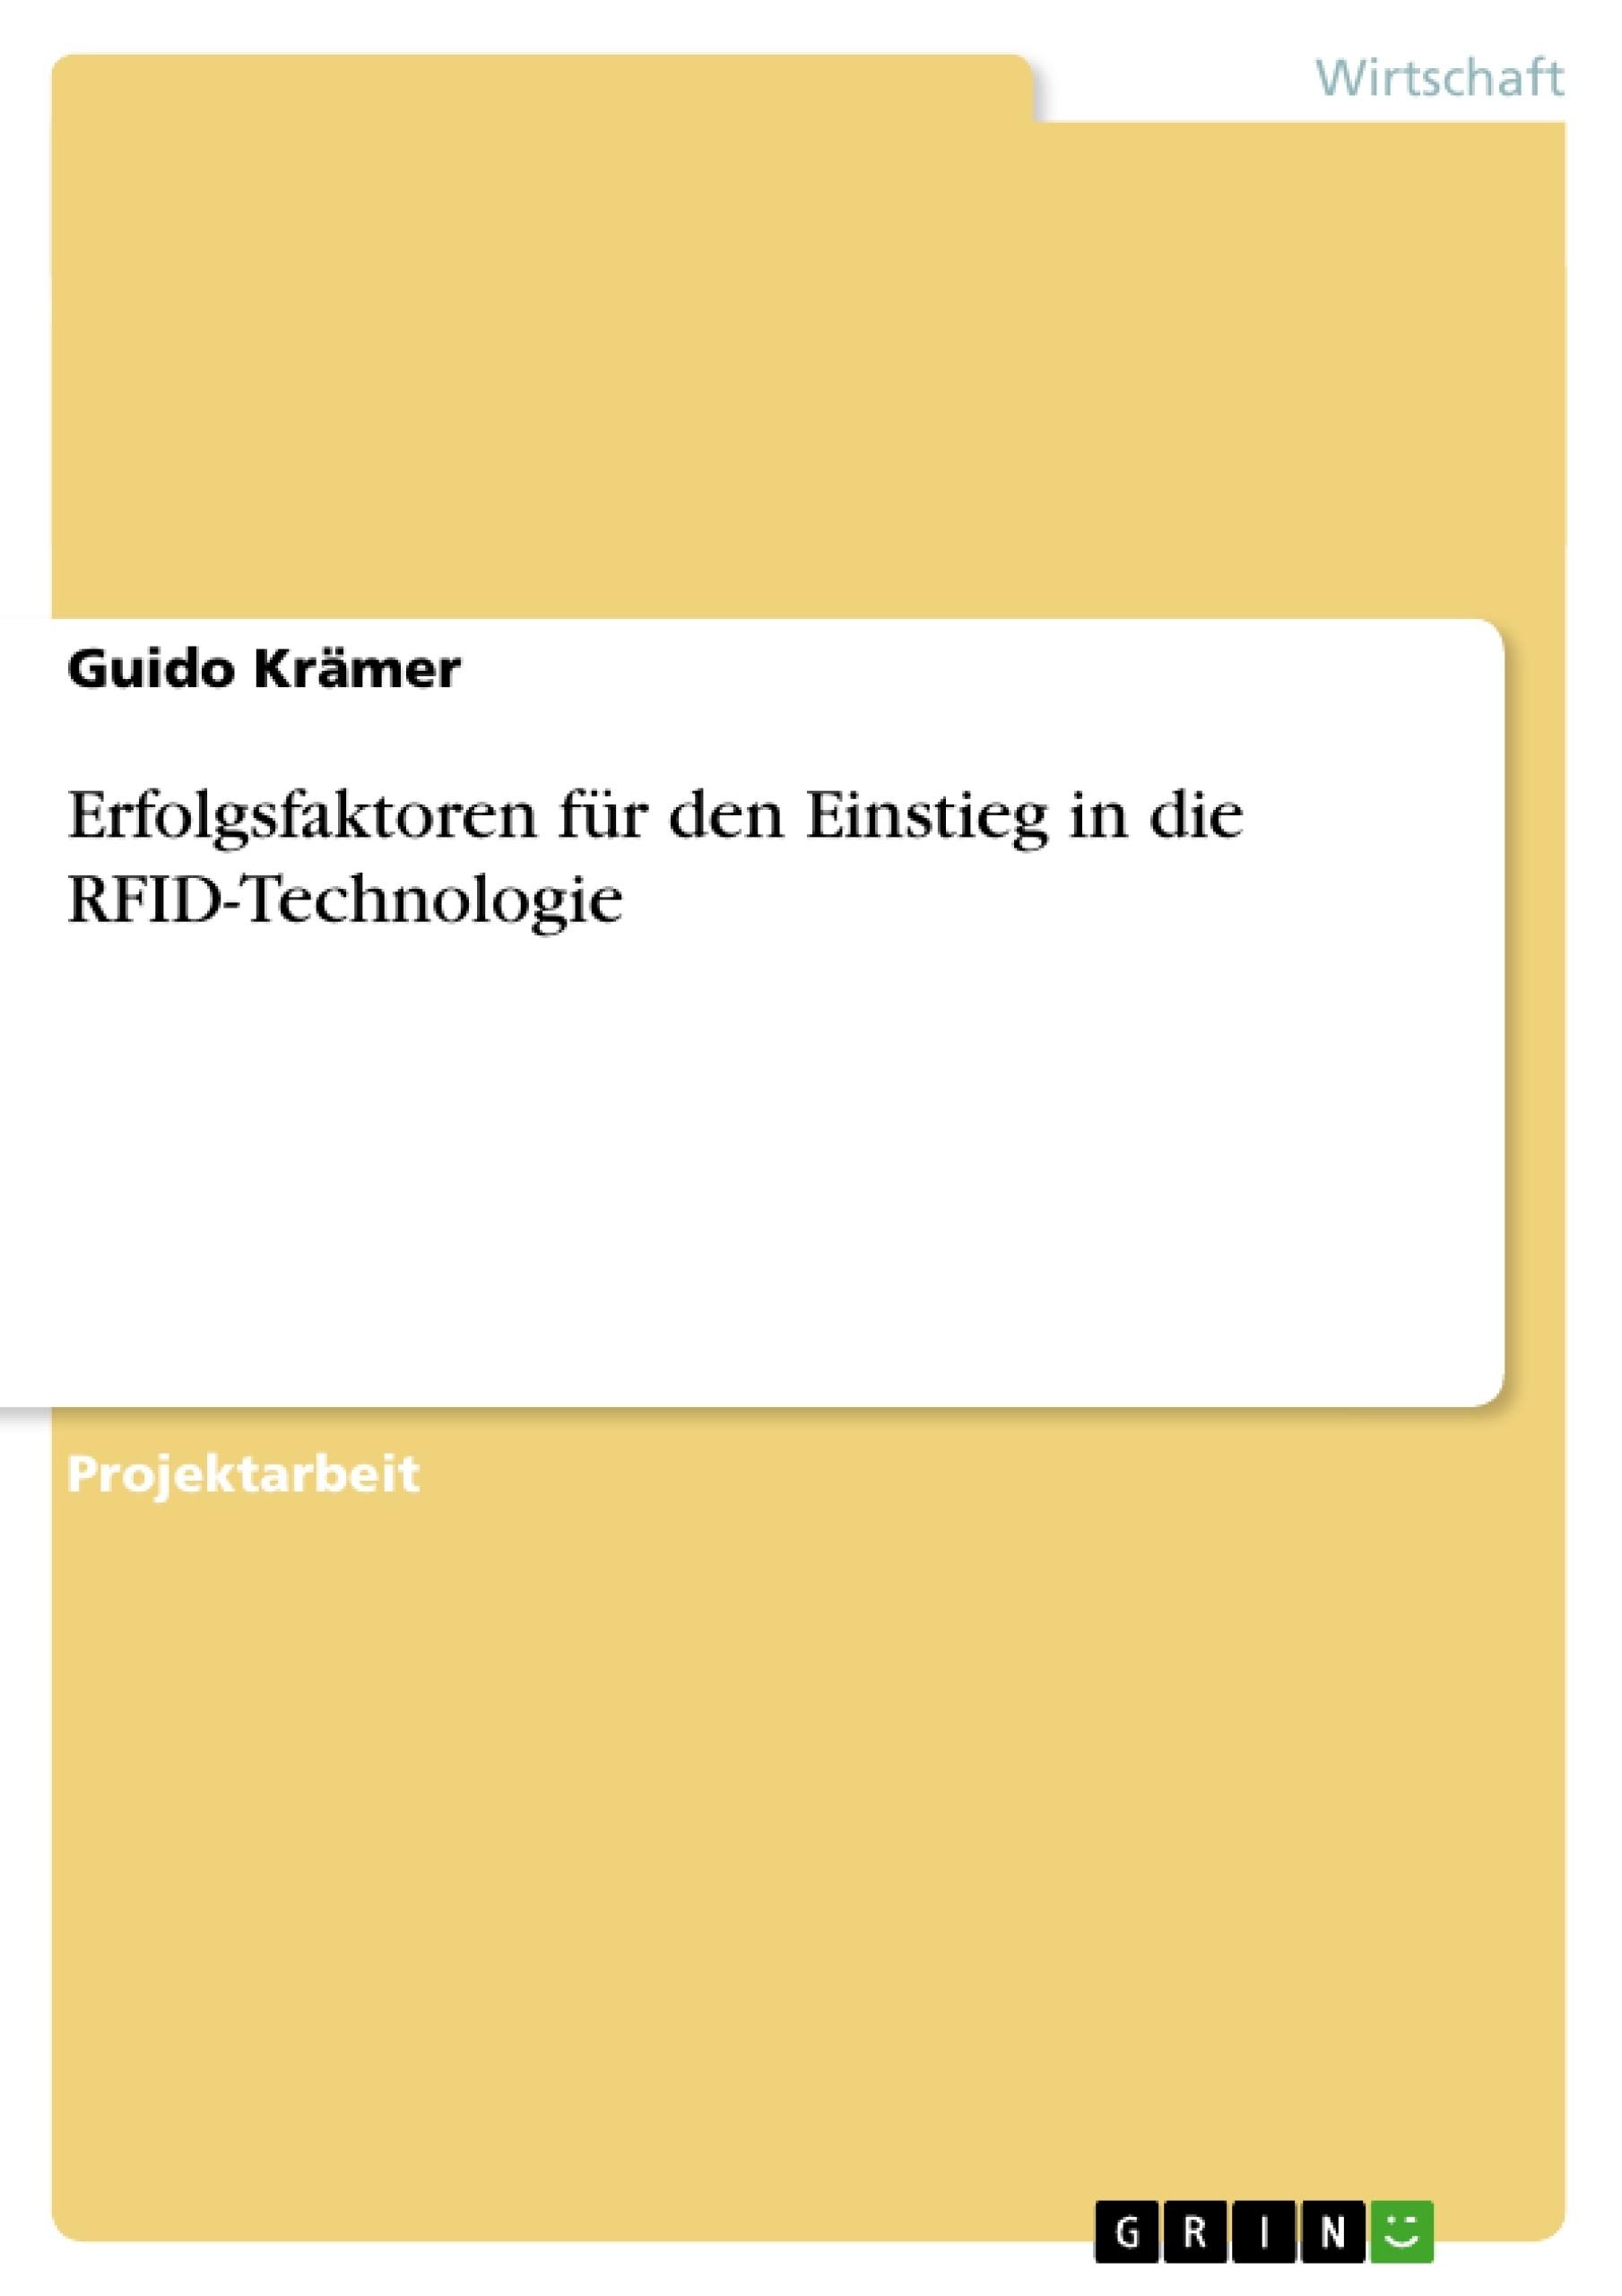 Titel: Erfolgsfaktoren für den Einstieg in die  RFID-Technologie